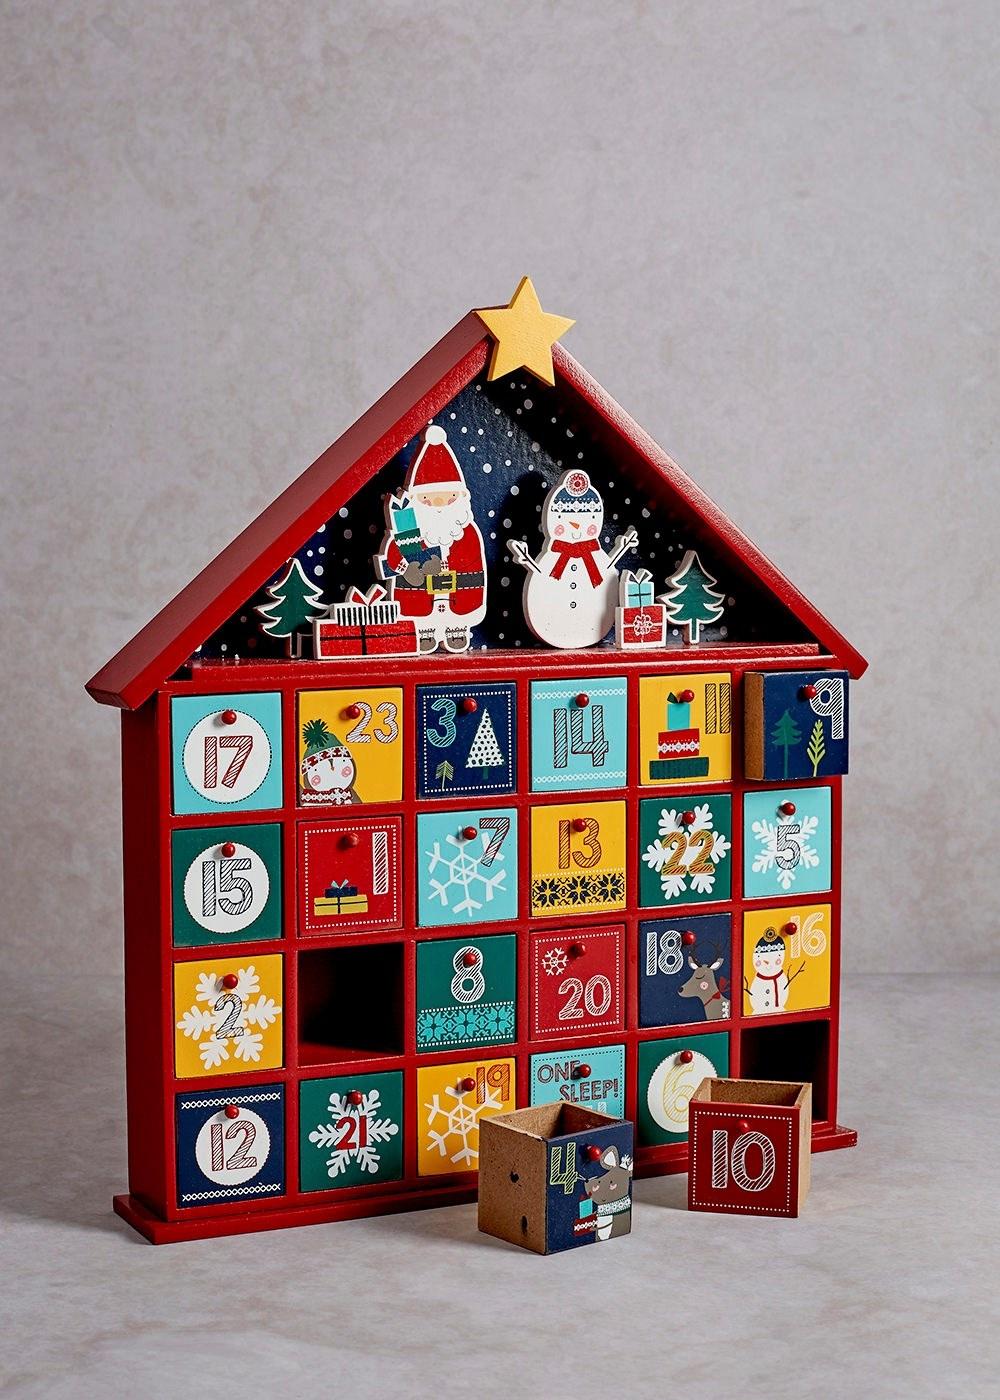 圣诞节的由来是什么?圣诞都有哪些传统活动?